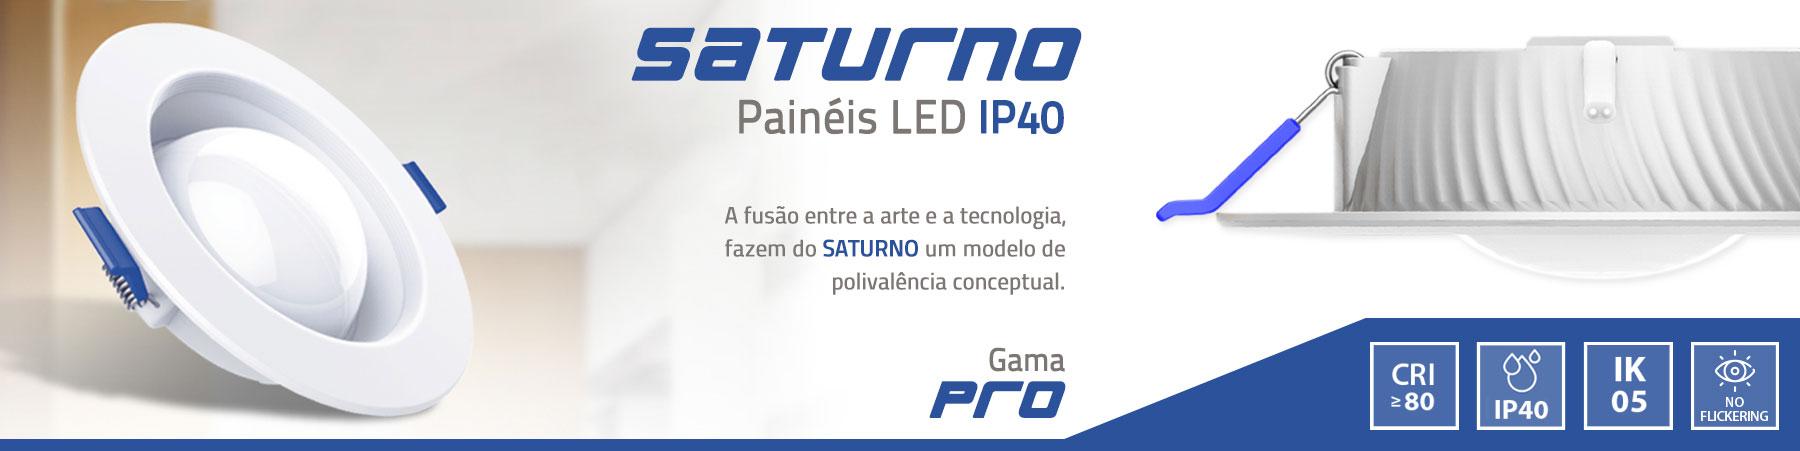 SATURNO painel led LEDUP